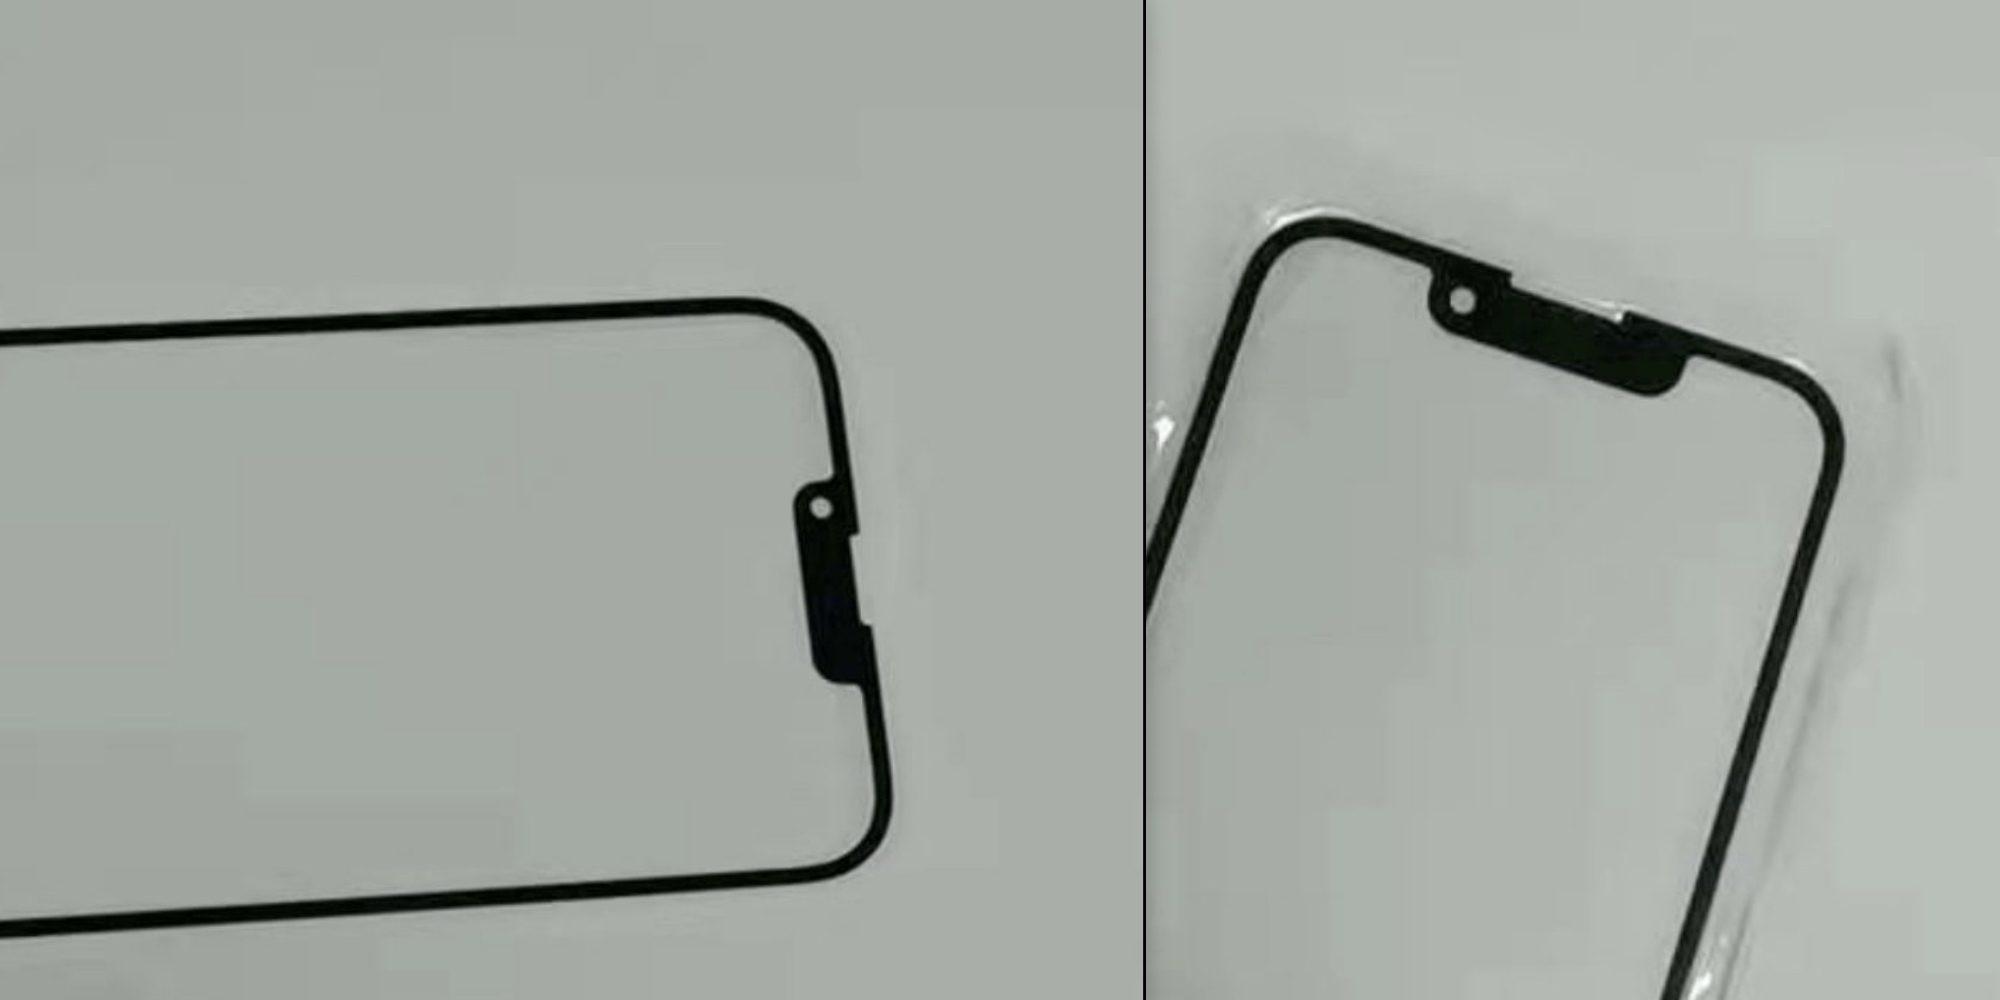 Модели iPhone 13 появятся в евразийской нормативной базе перед осенним запуском